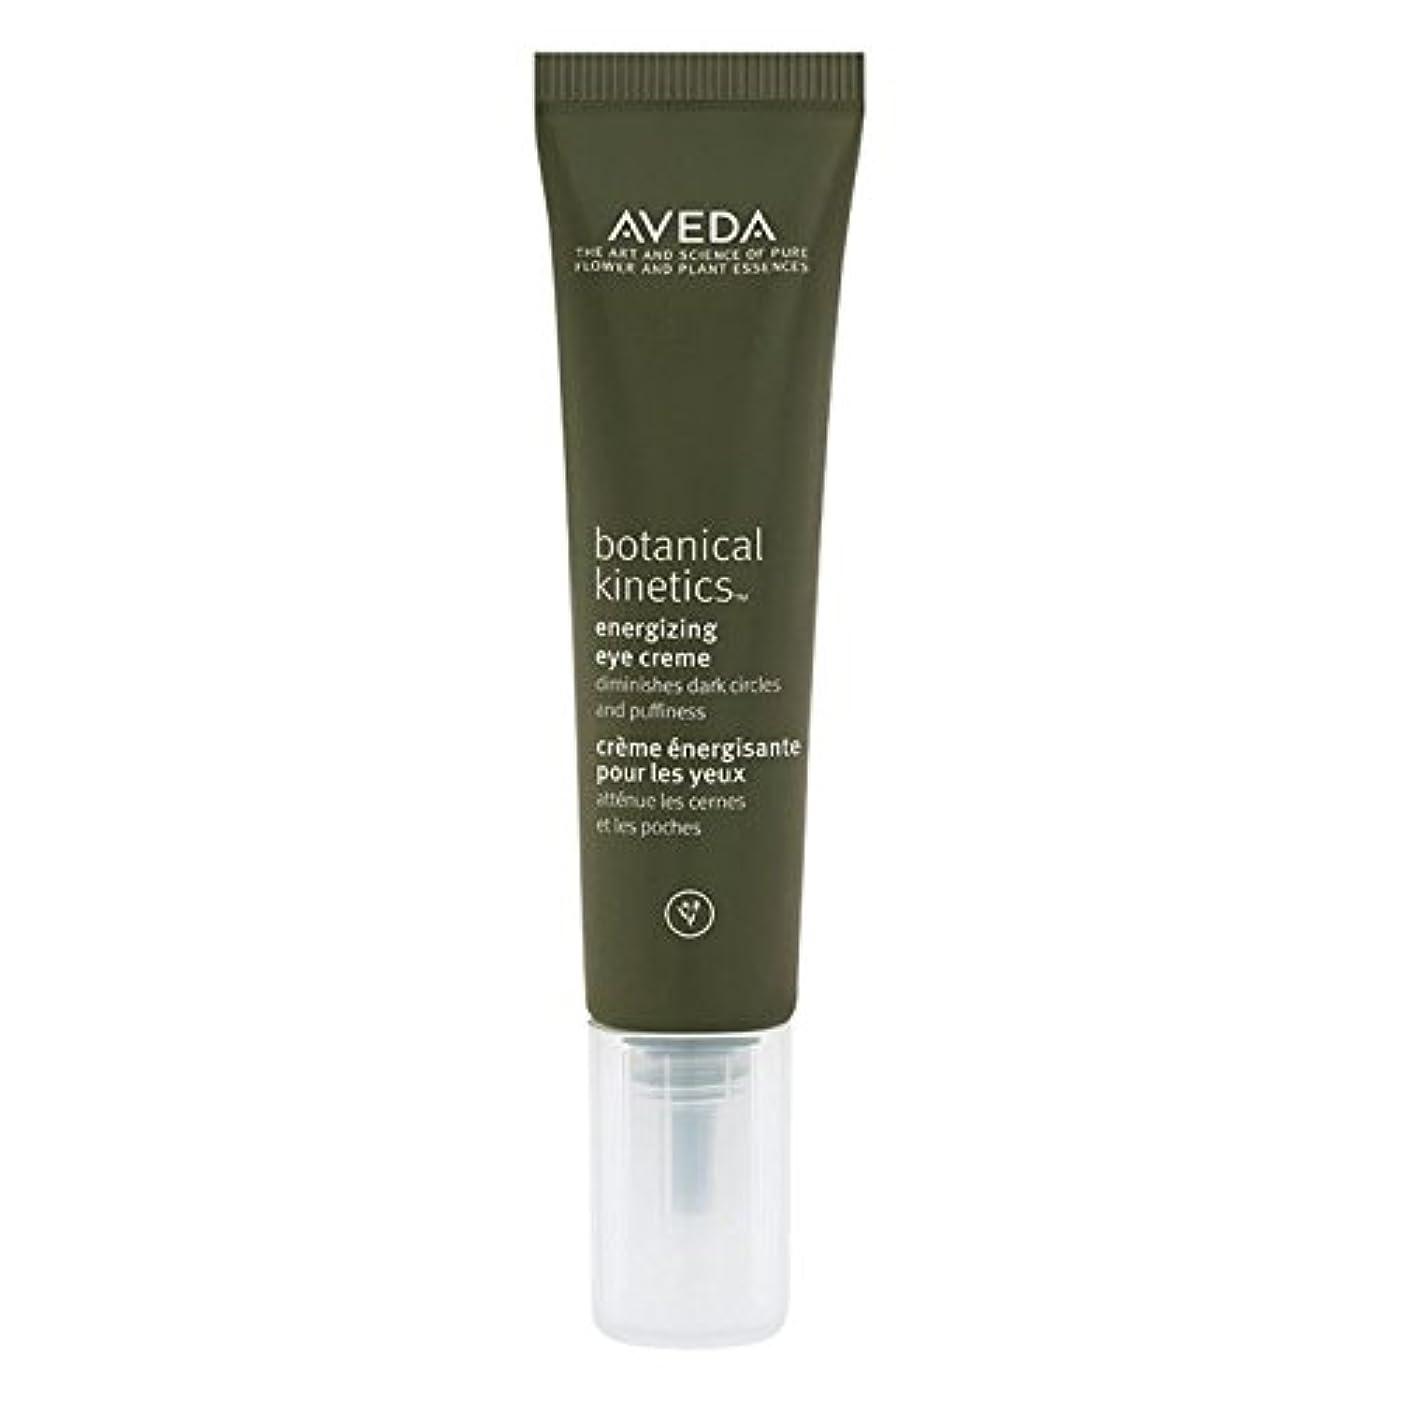 等々レンズ相手[AVEDA] アヴェダボタニカルキネティクス通電アイクリーム15ミリリットル - Aveda Botanical Kinetics Energizing Eye Cream 15ml [並行輸入品]